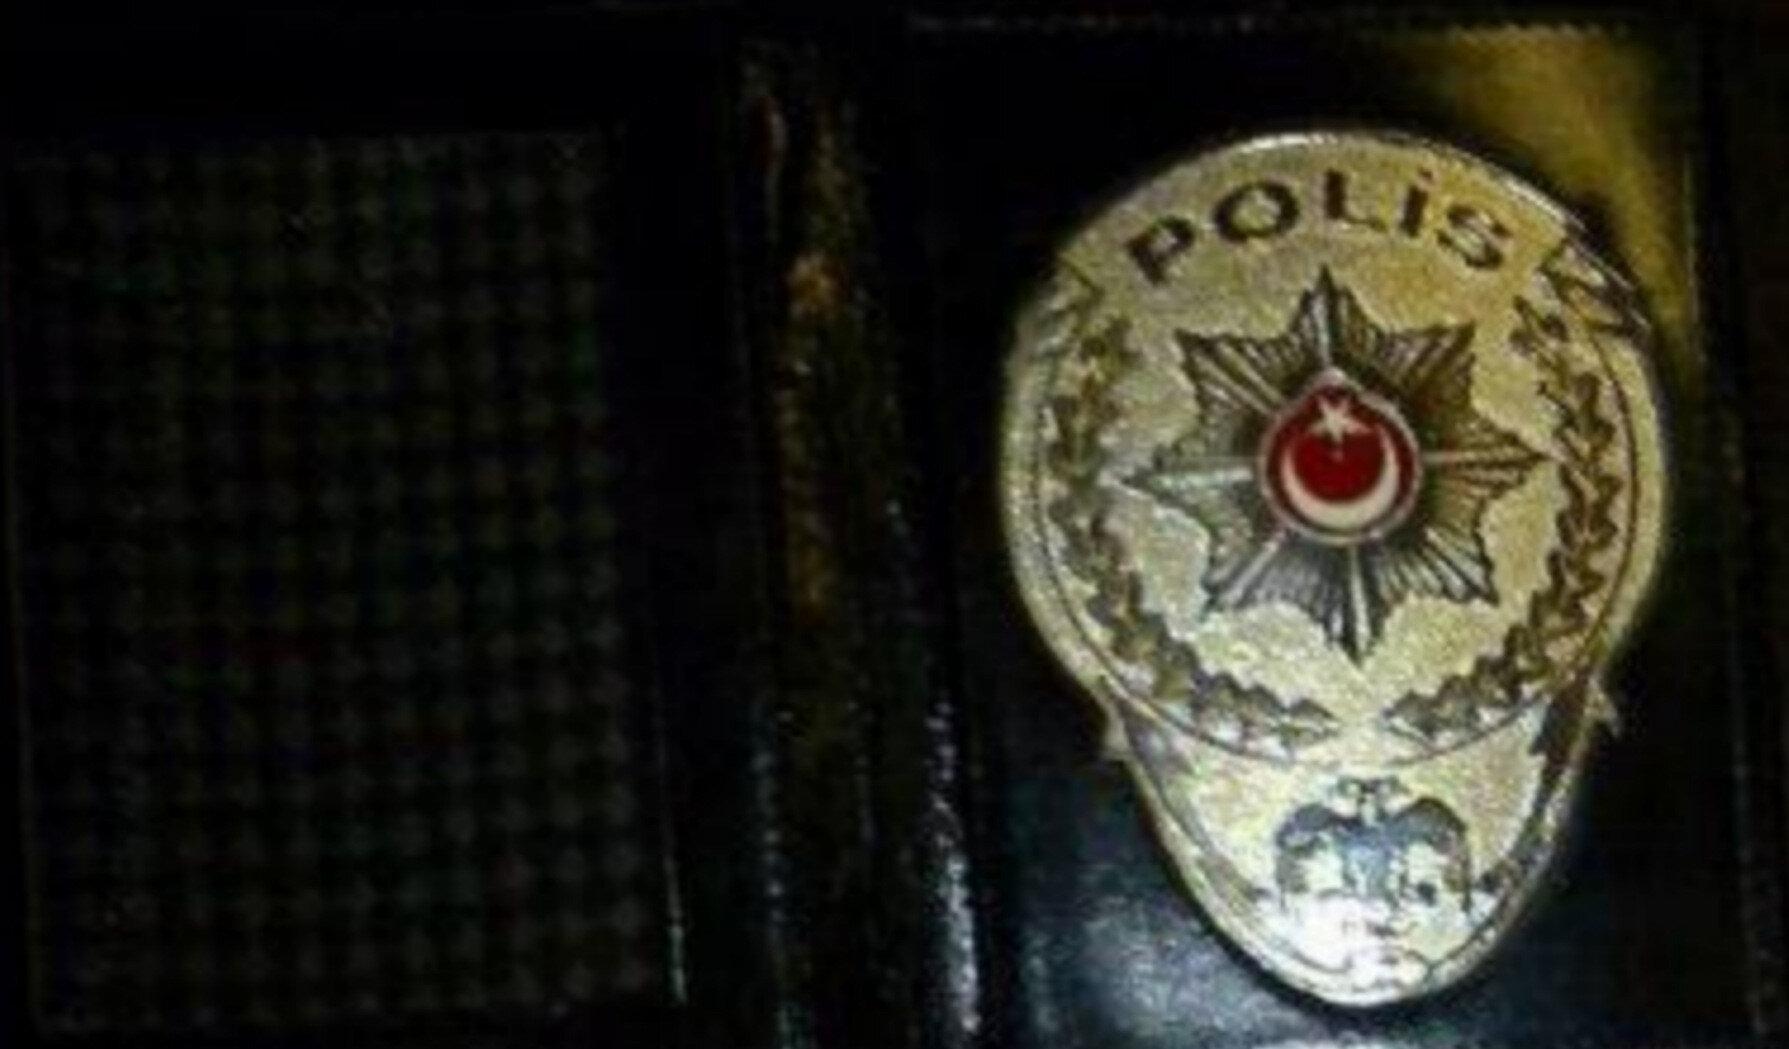 Polisin durdurduğu şüphelinin üst aramasında ruhsatsız tabanca ve polis rozeti ele geçirildi.